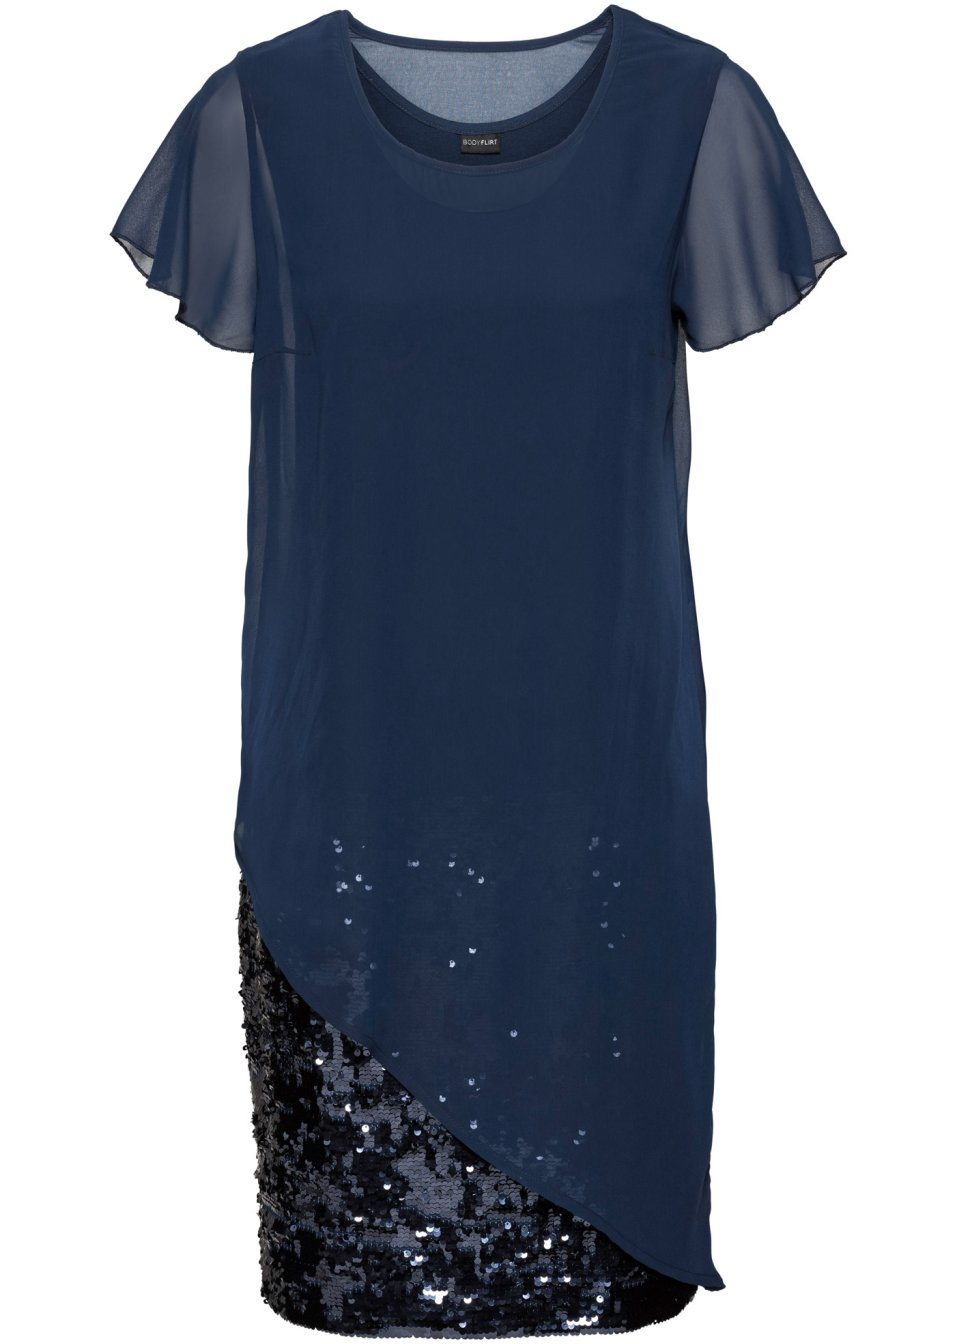 Blaue Abendkleider - außergewöhnlich edel